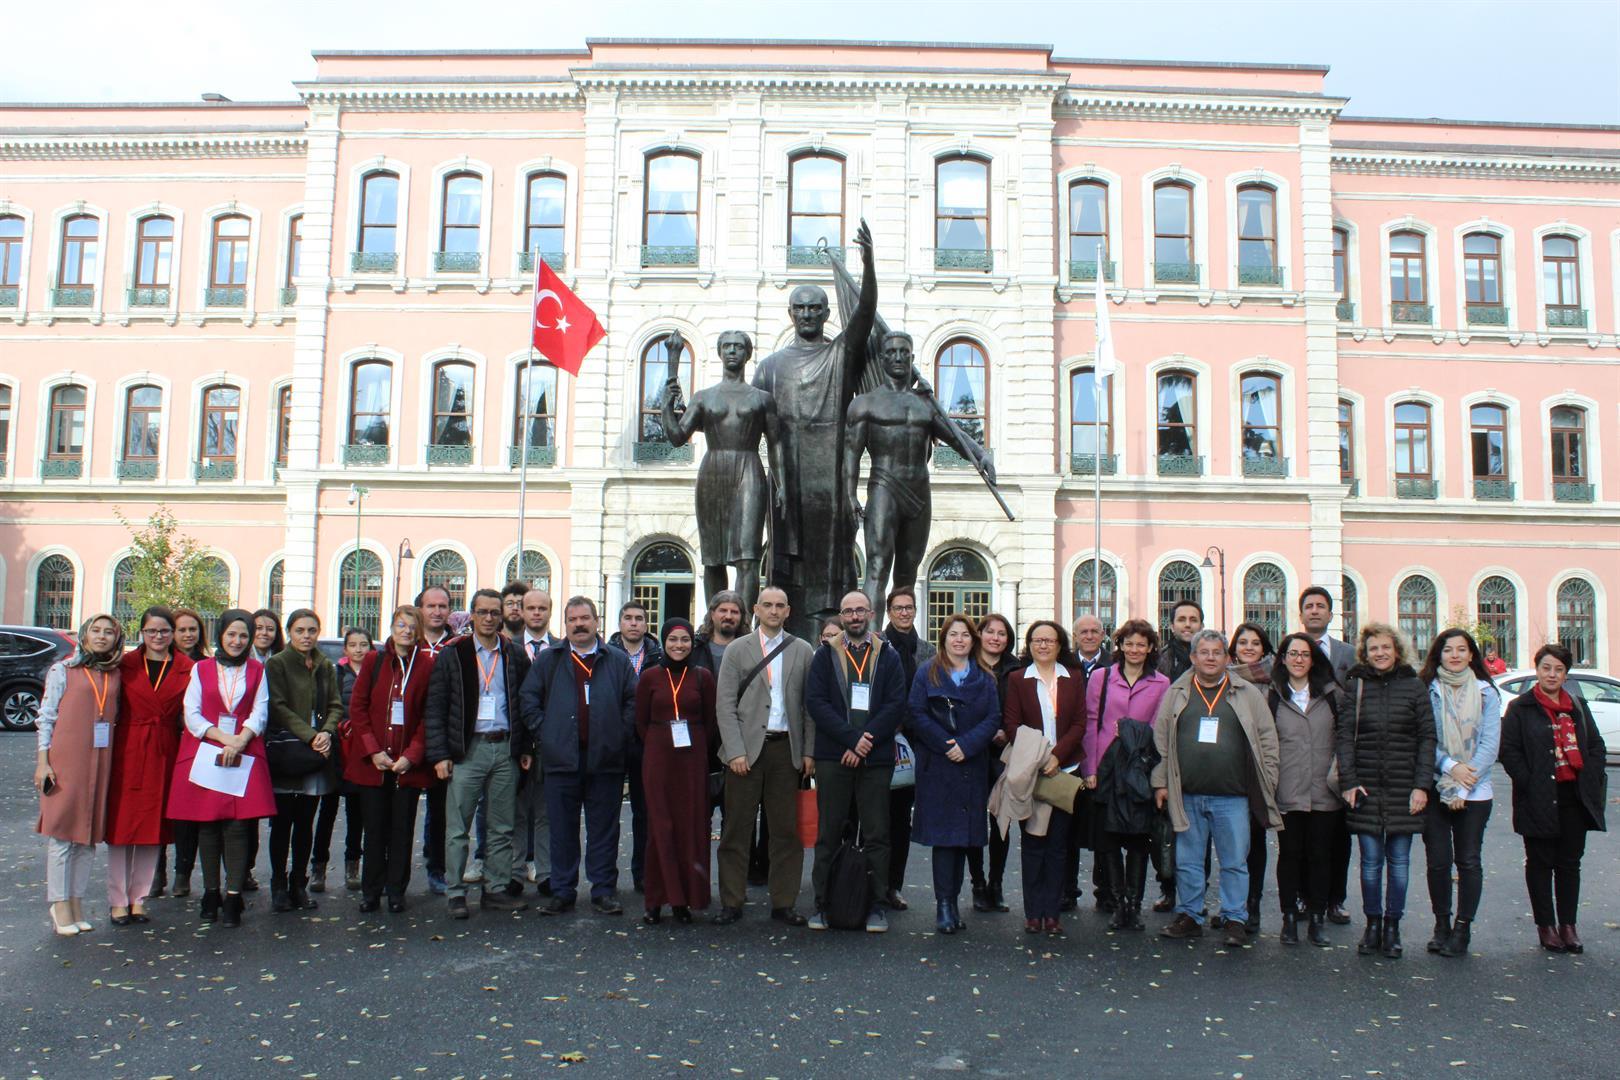 analitik kimya kromatografi kongre eczacılık ilam istanbul üniversitesi